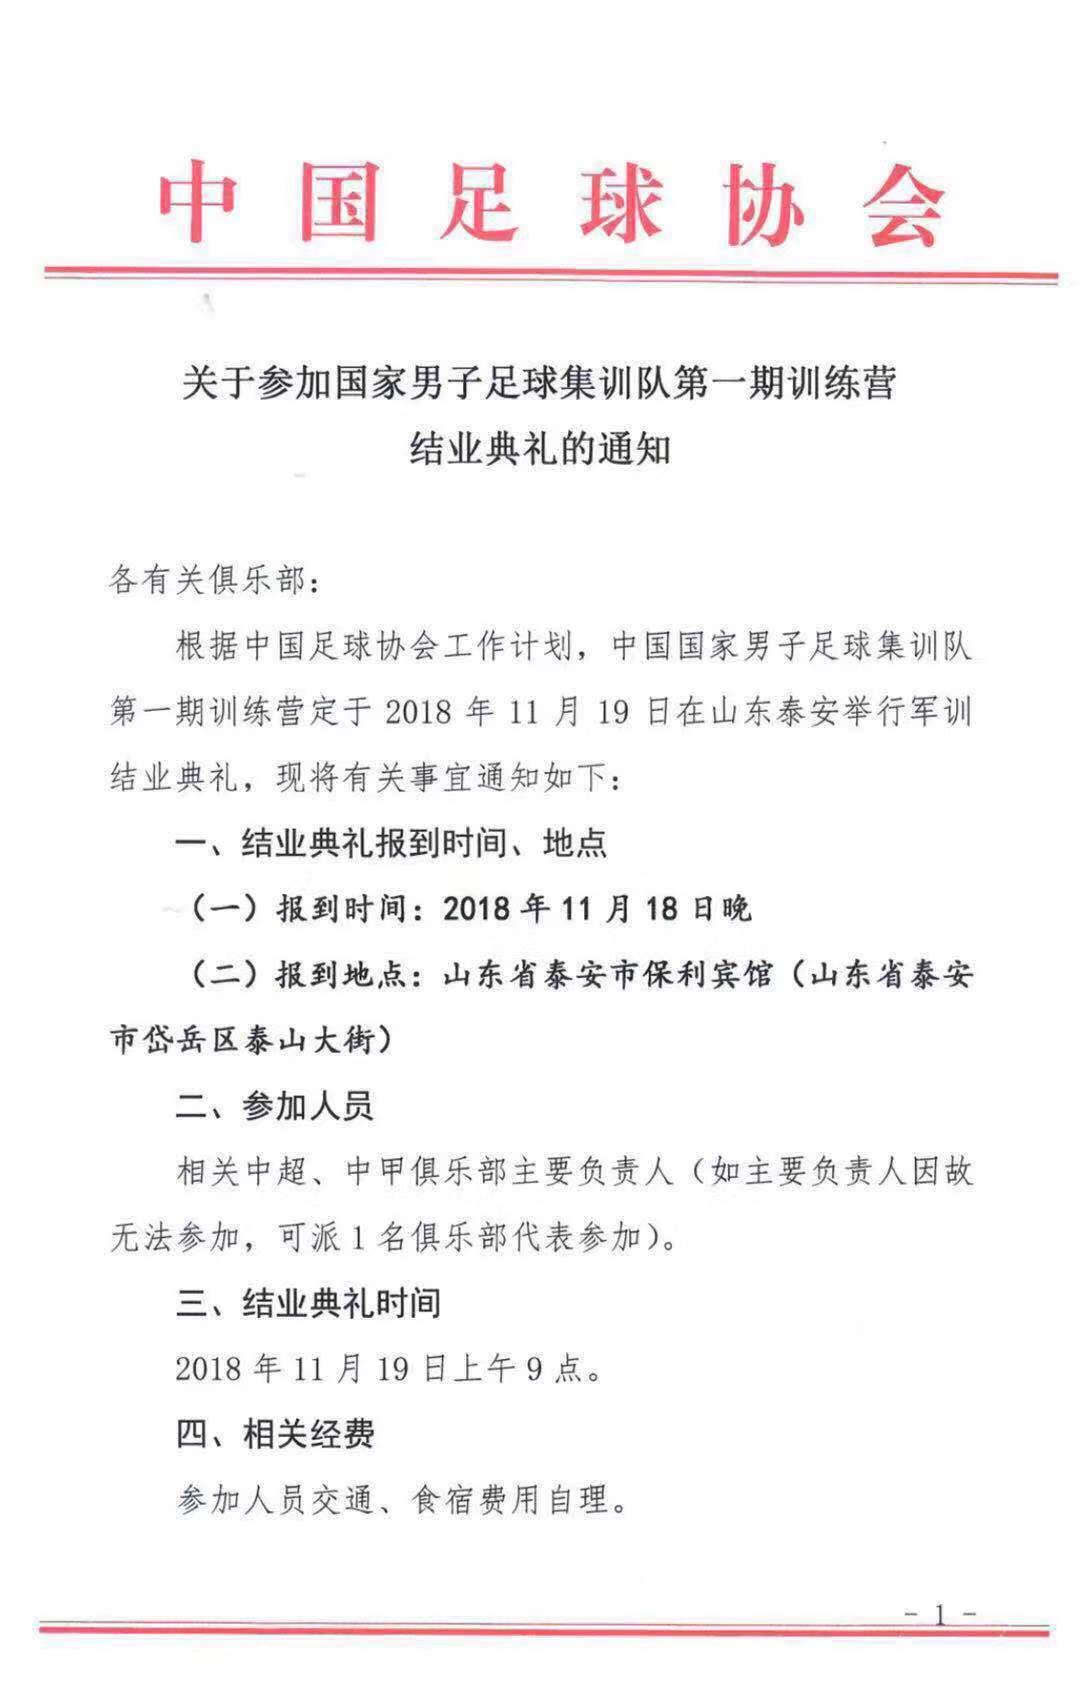 足协:国足首期军训11月19日结束 将召开结业典礼